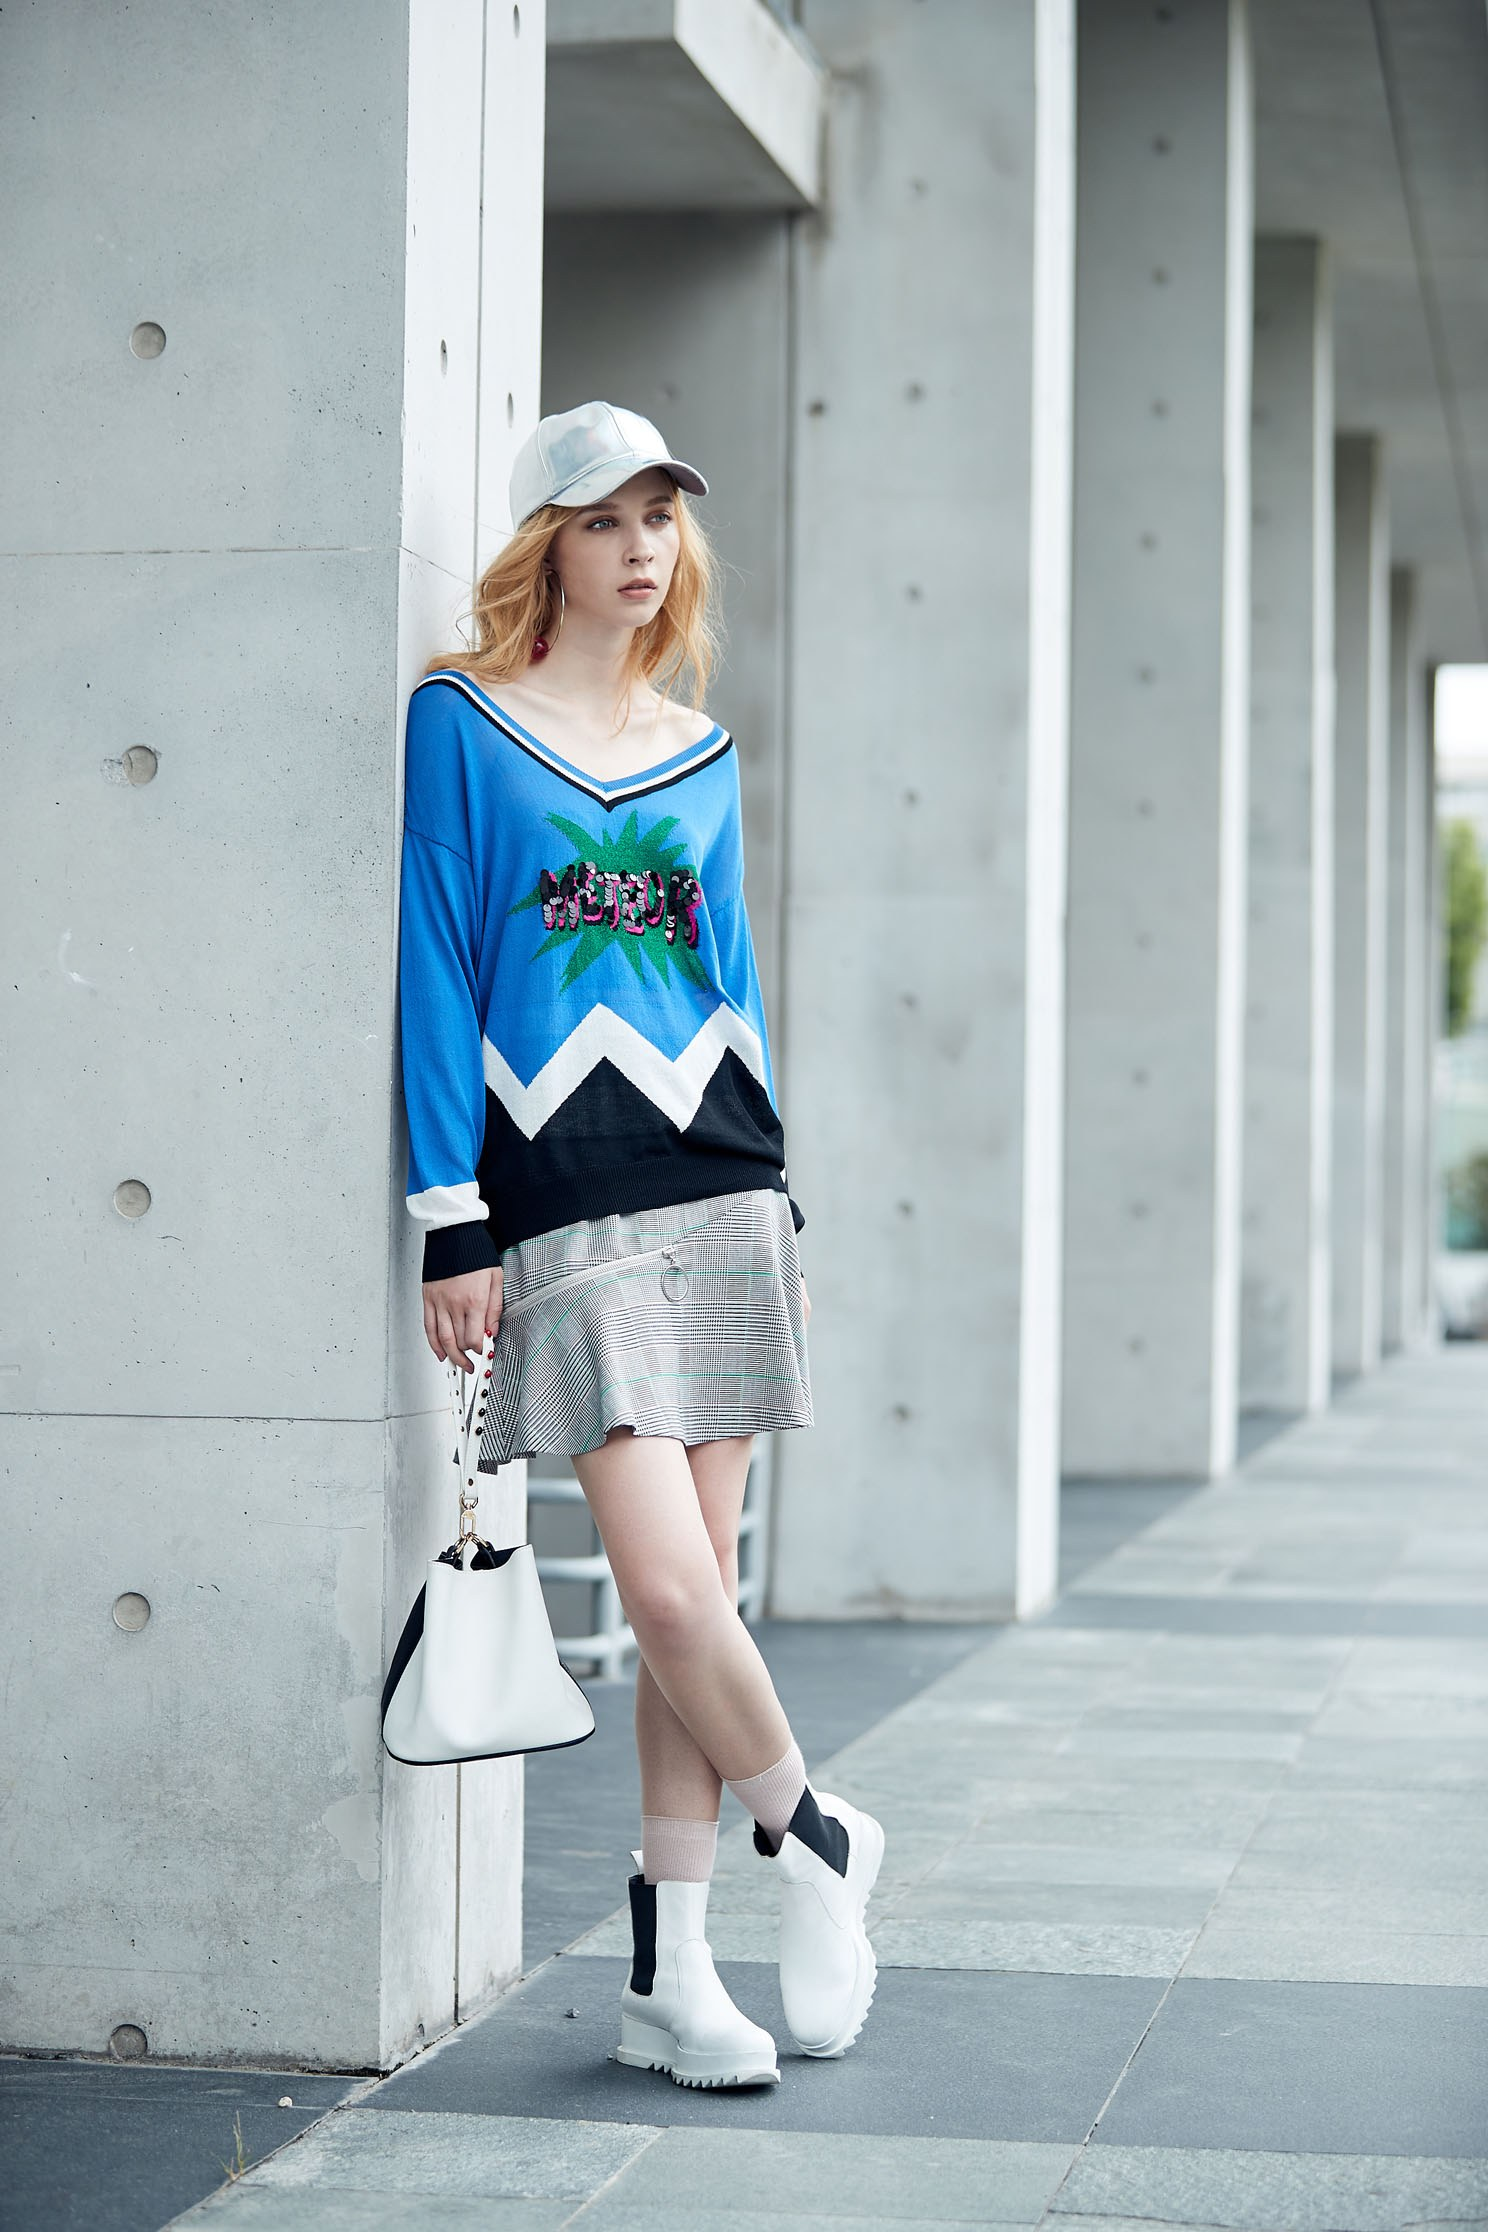 V-neck sequins popular knit long-sleeved top,V-neck top,Top,knitting,Knitted top,Knitted Top,長袖上衣